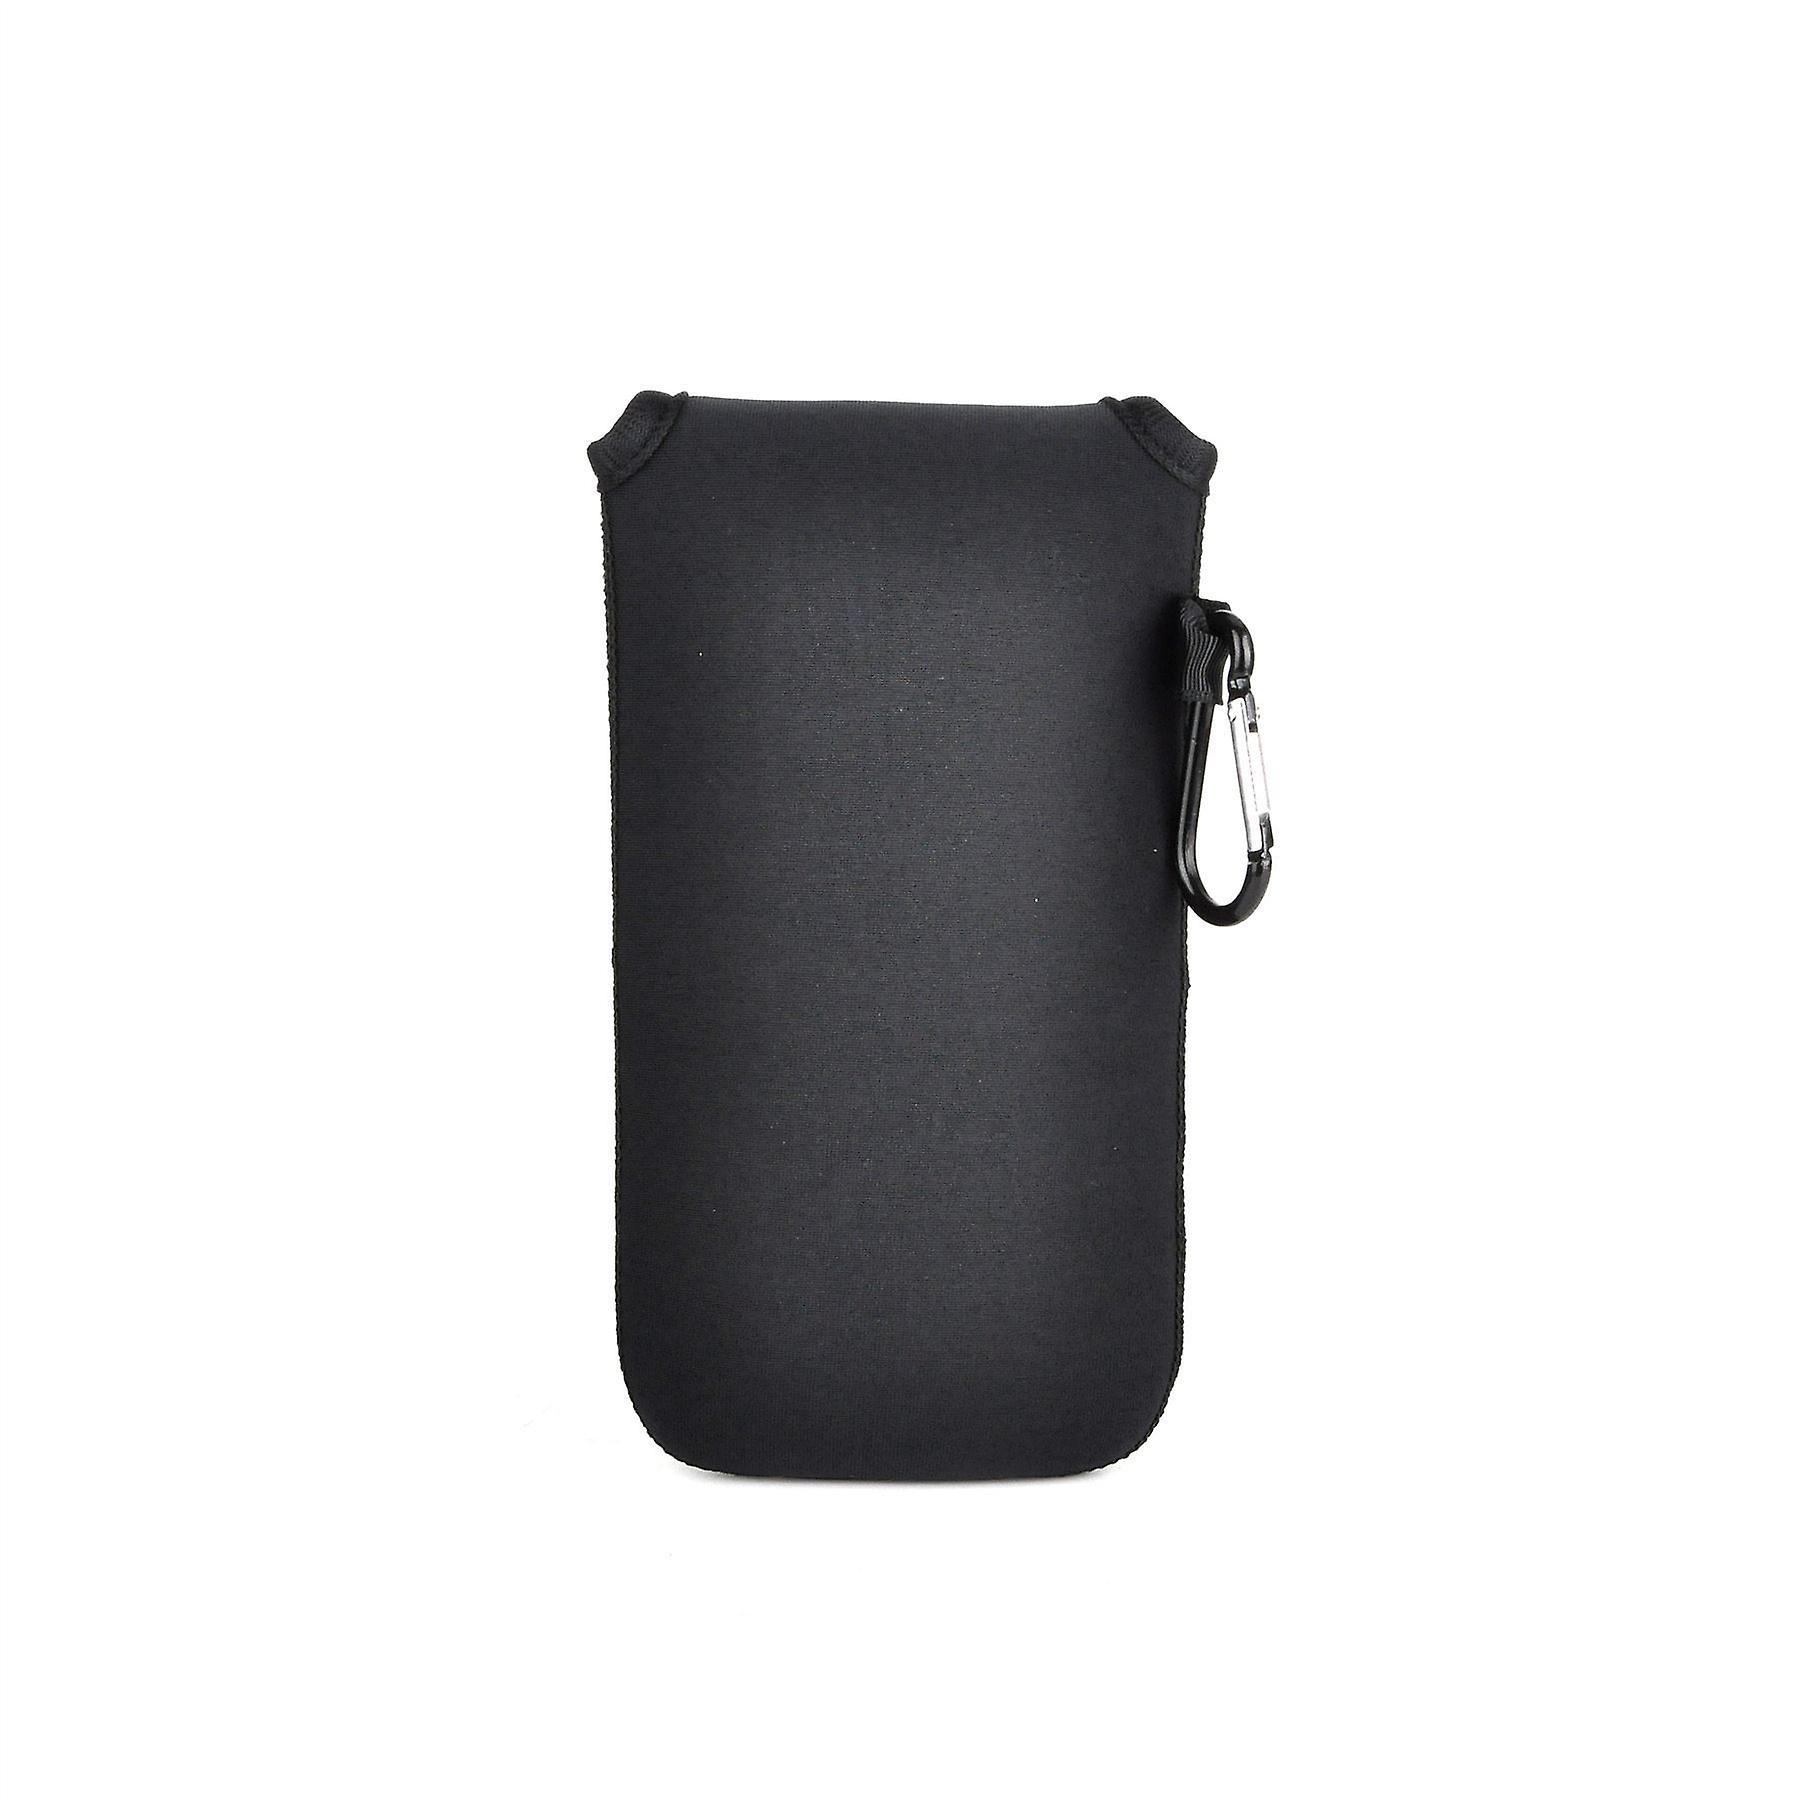 حقيبة تغطية القضية الحقيبة واقية مقاومة لتأثير النيوبرين إينفينتكاسي مع إغلاق Velcro و Carabiner الألومنيوم لاسوس زينفوني 5-أسود